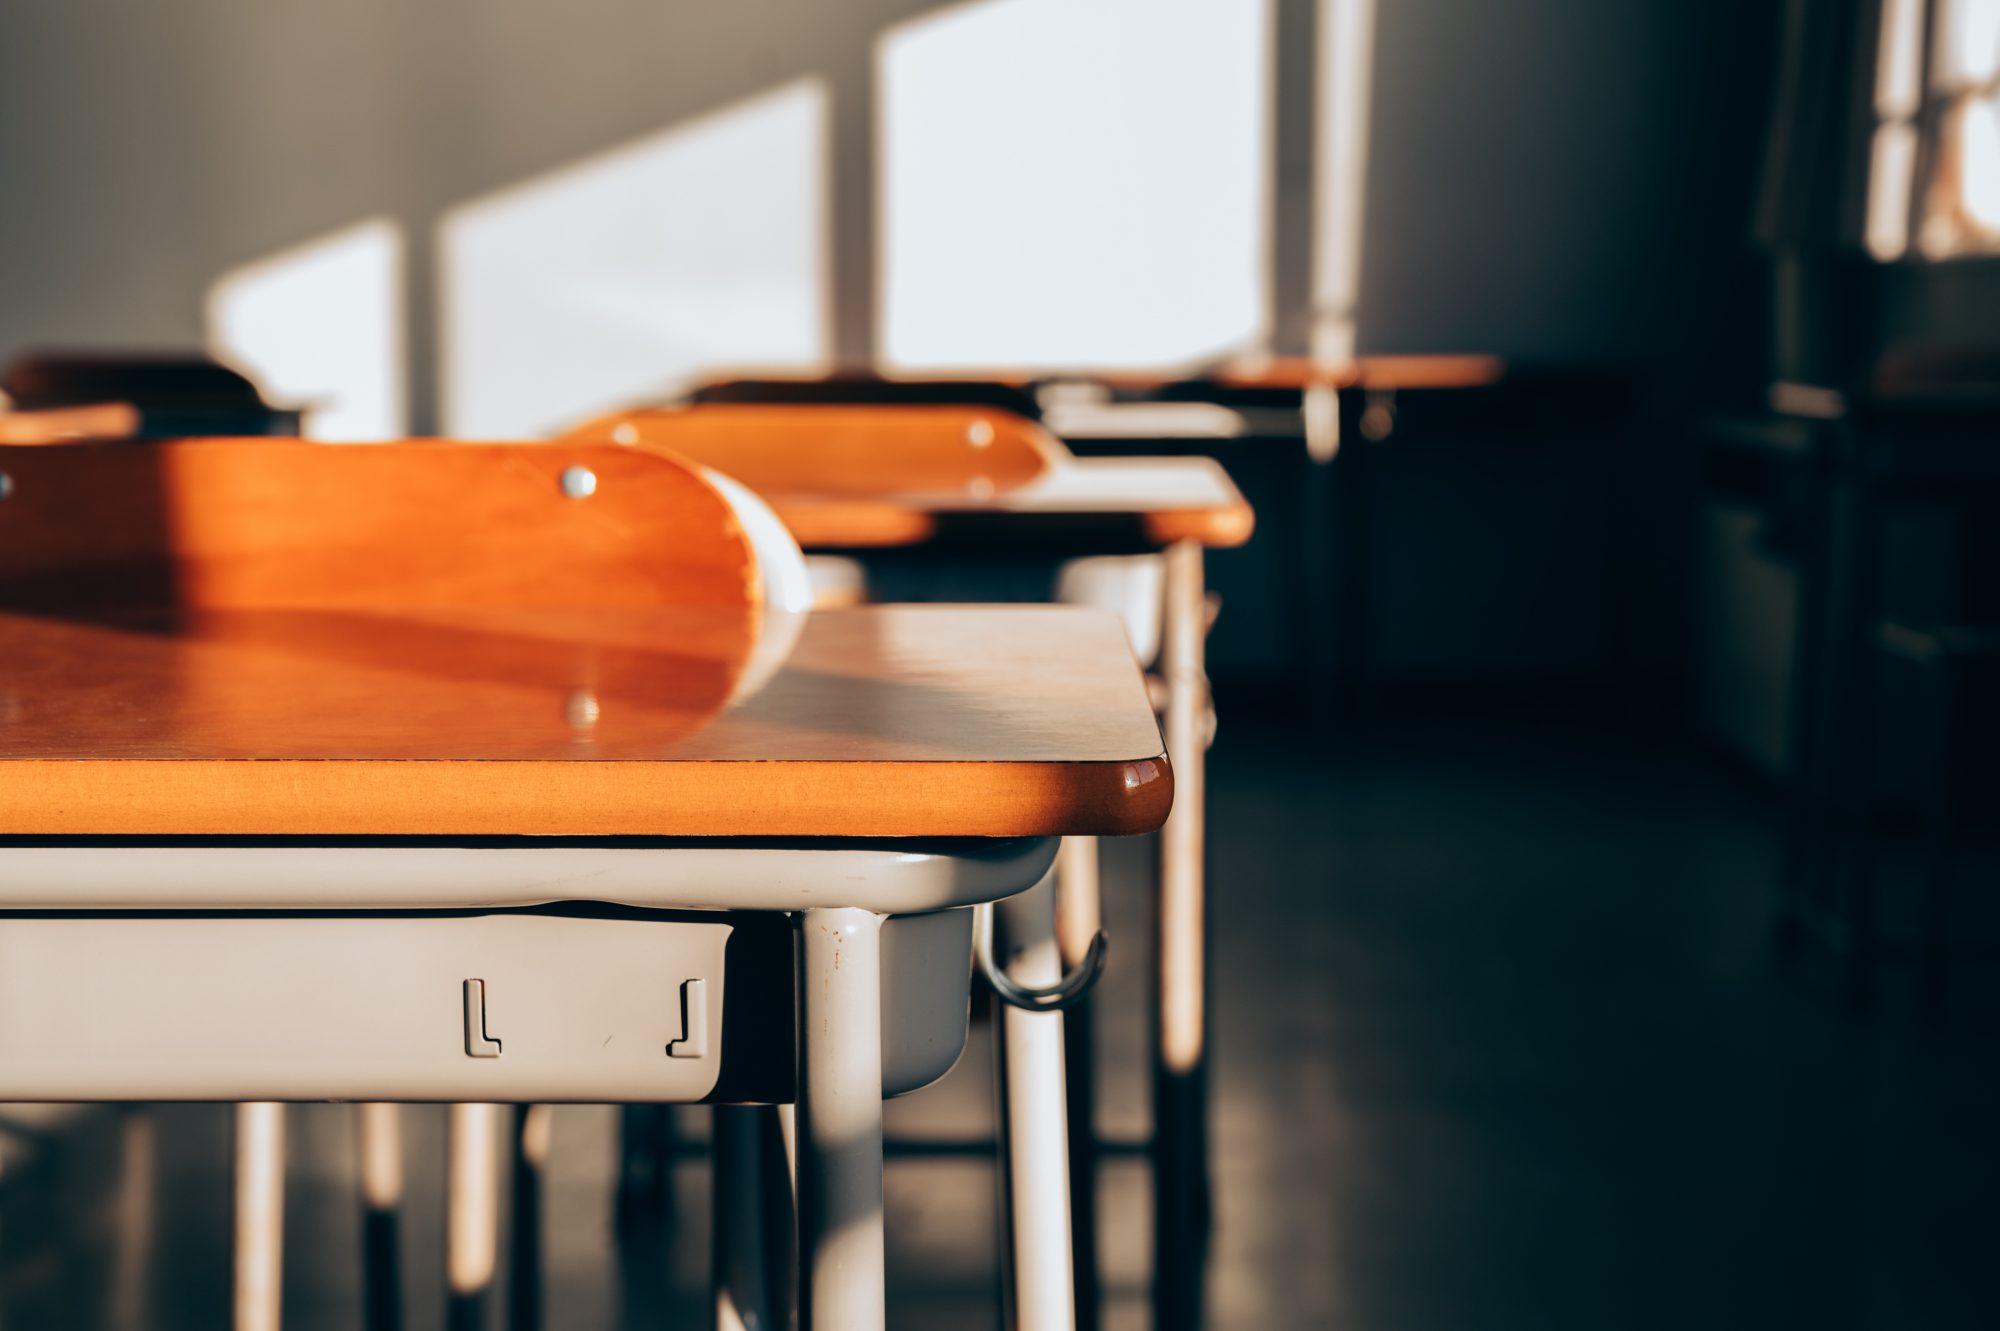 ダイバーシティ教育を推進する公立学校にはびこる「ブラック校則」の謎